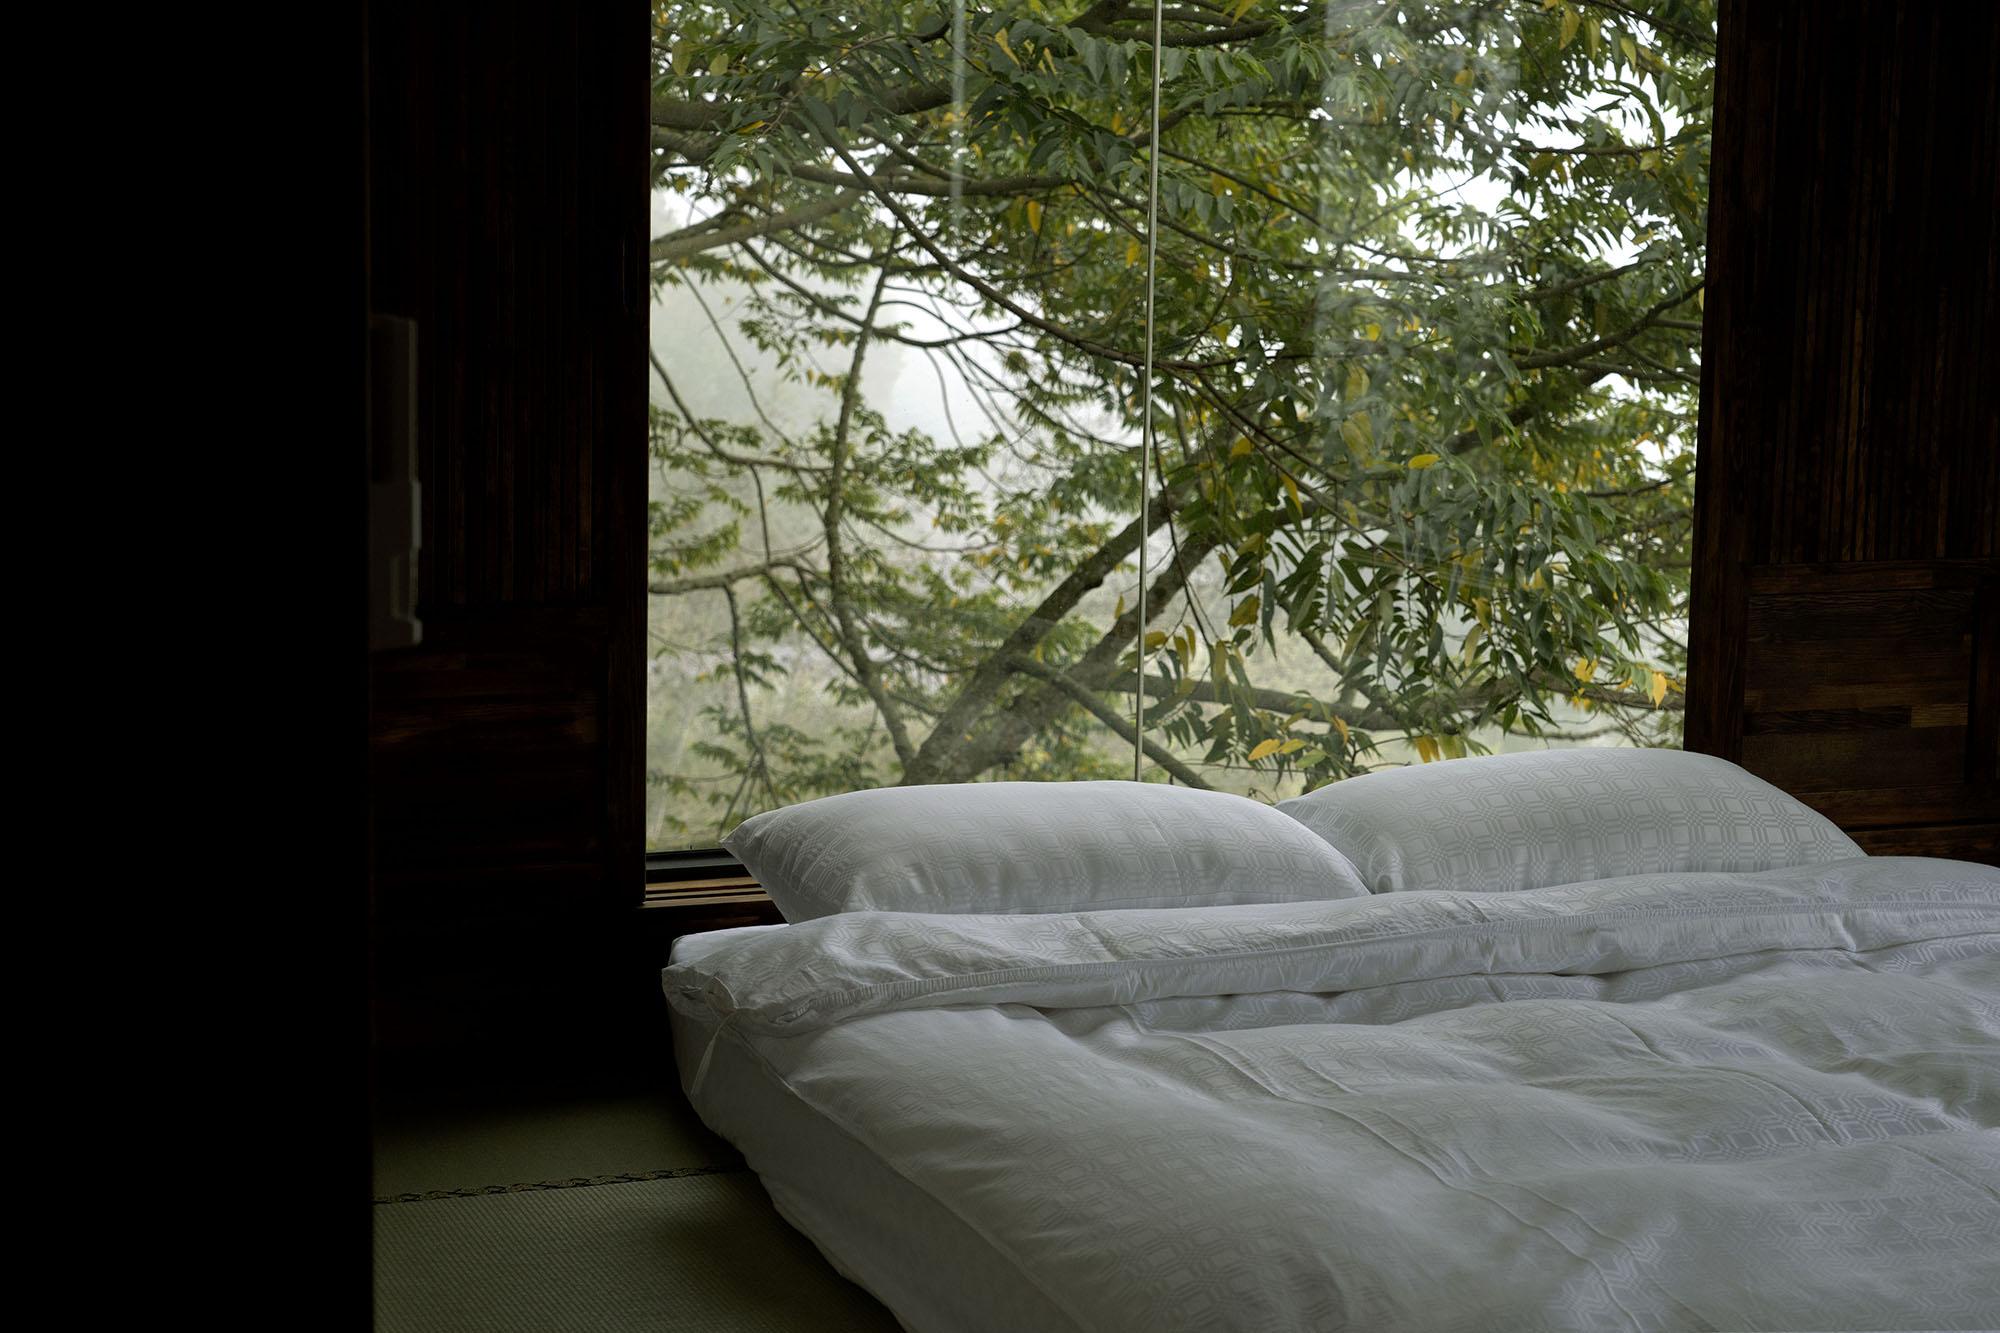 旅行的記憶今天想到阿里山走走|京岄山居民宿